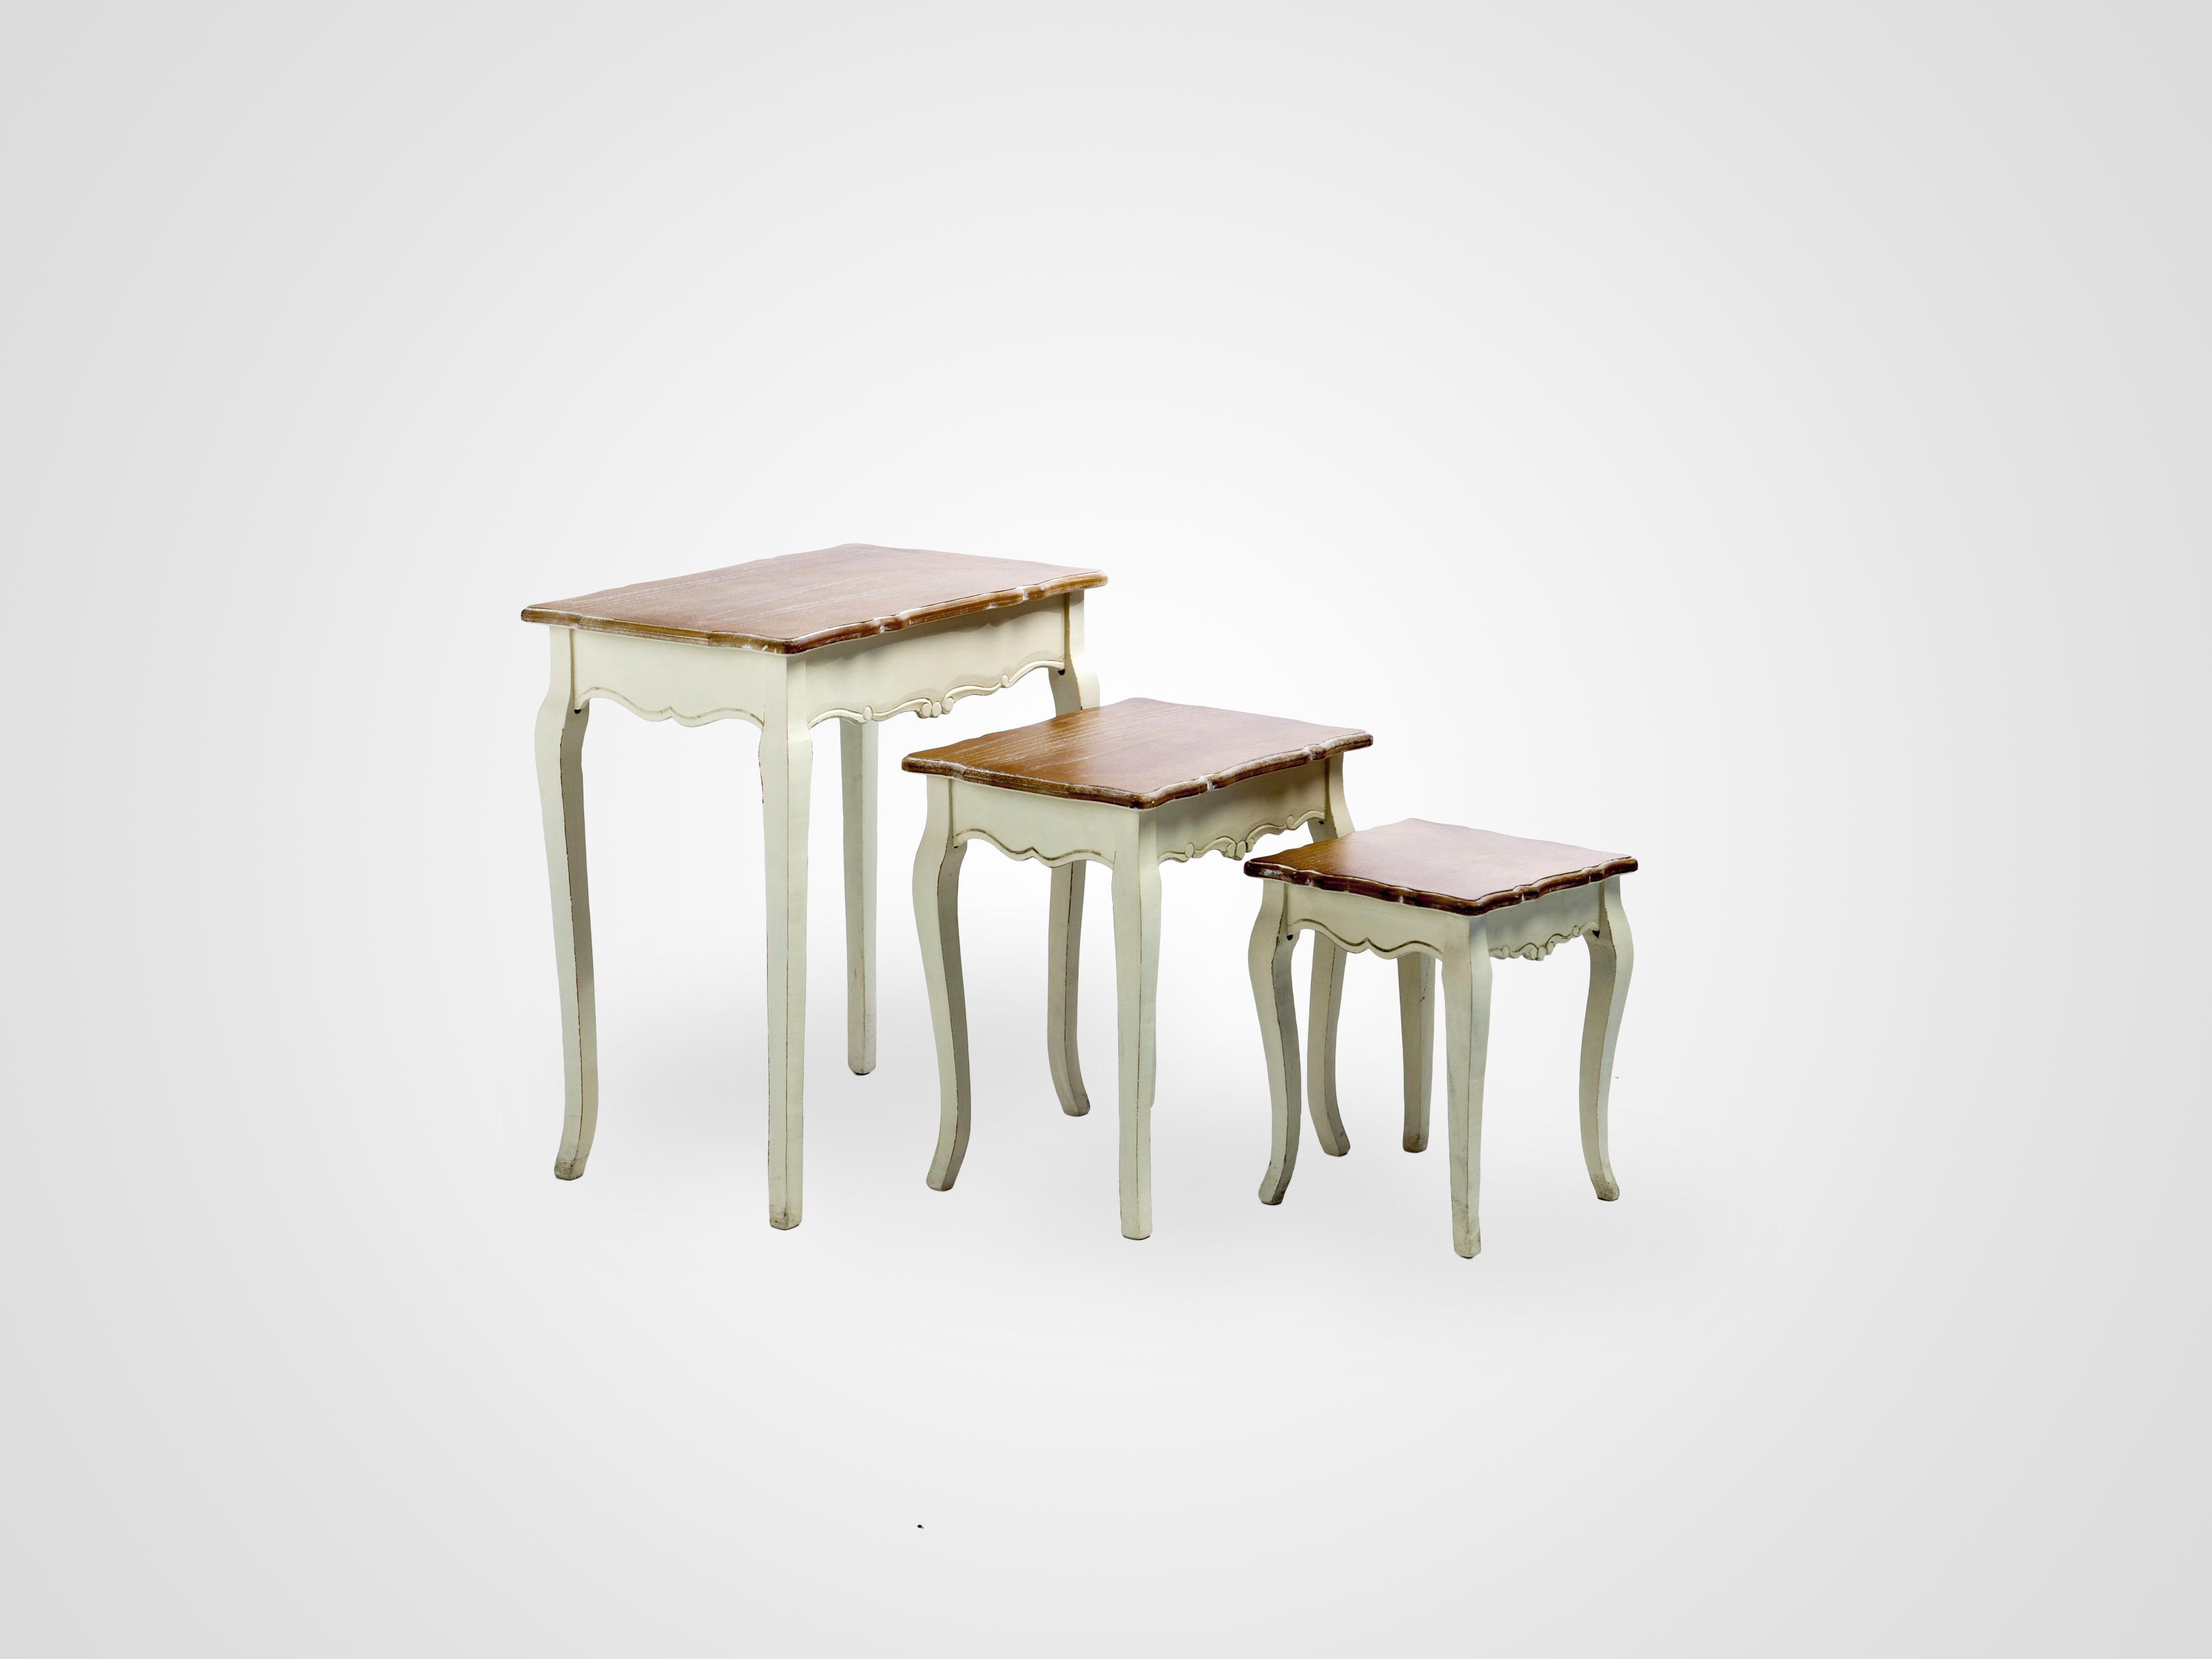 Купить Журнальные столики (комплект) из трех столиков в стиле прованс со старением, inmyroom, Китай